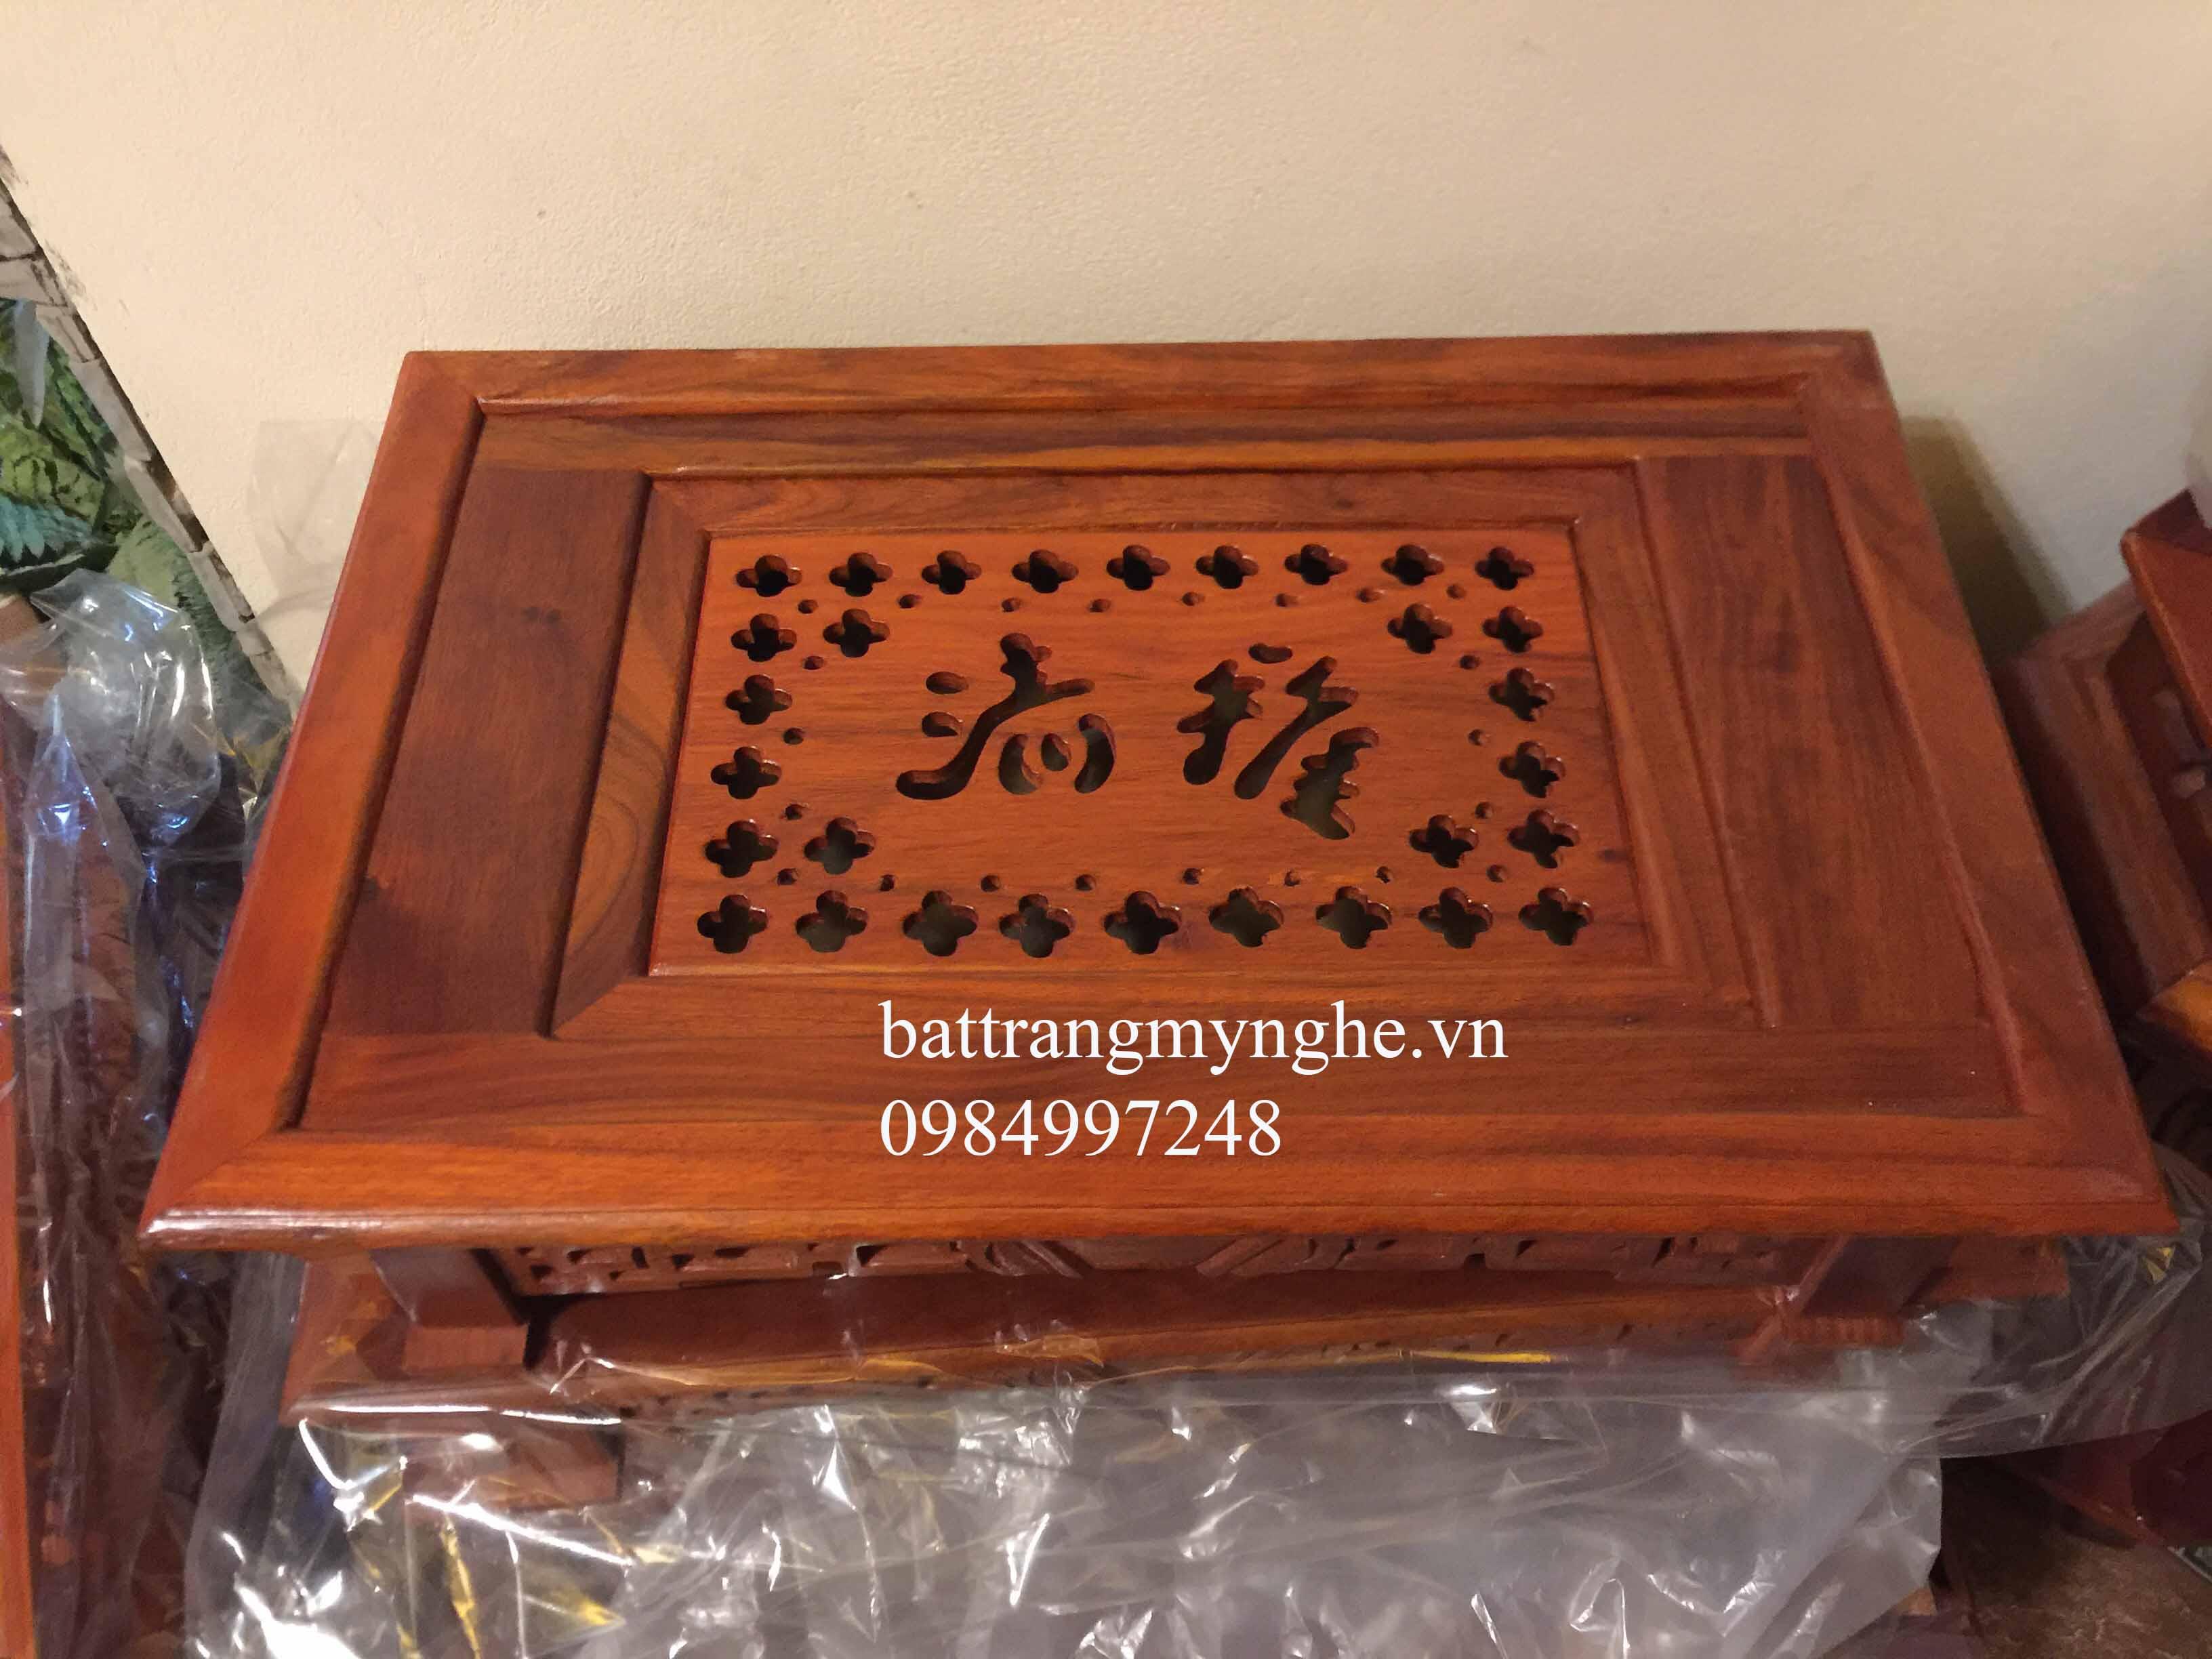 Khay gỗ hương cao cấp dài 60cm rộng 40cm